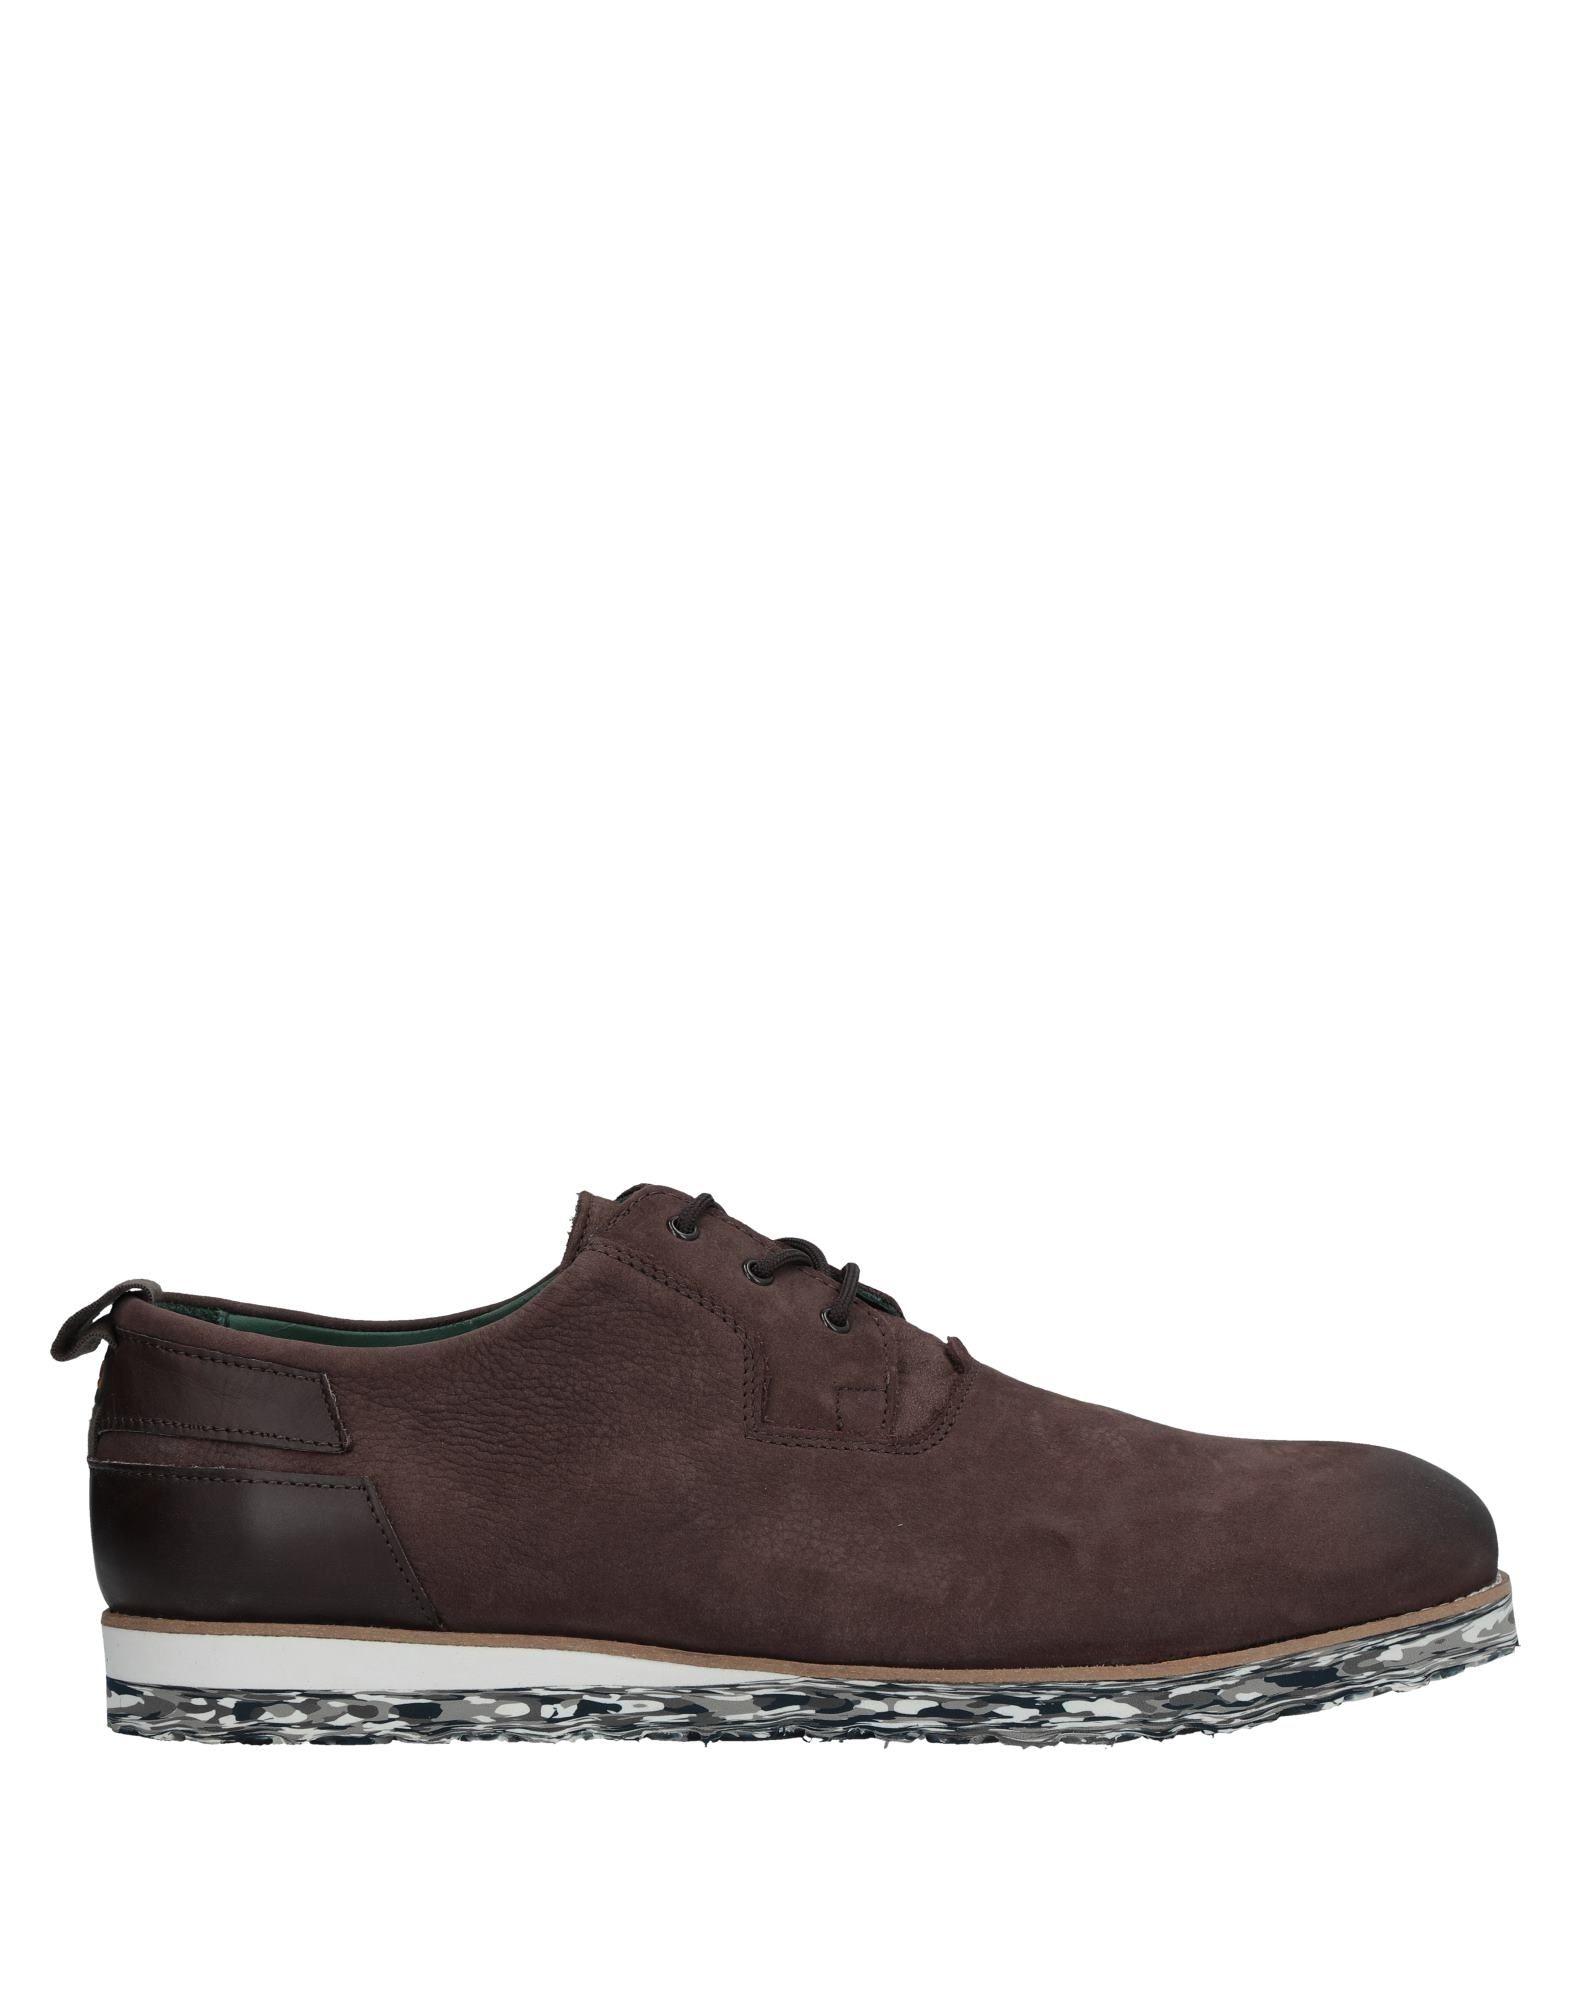 Exceed Schnürschuhe Herren  11521635FI Gute Qualität beliebte Schuhe